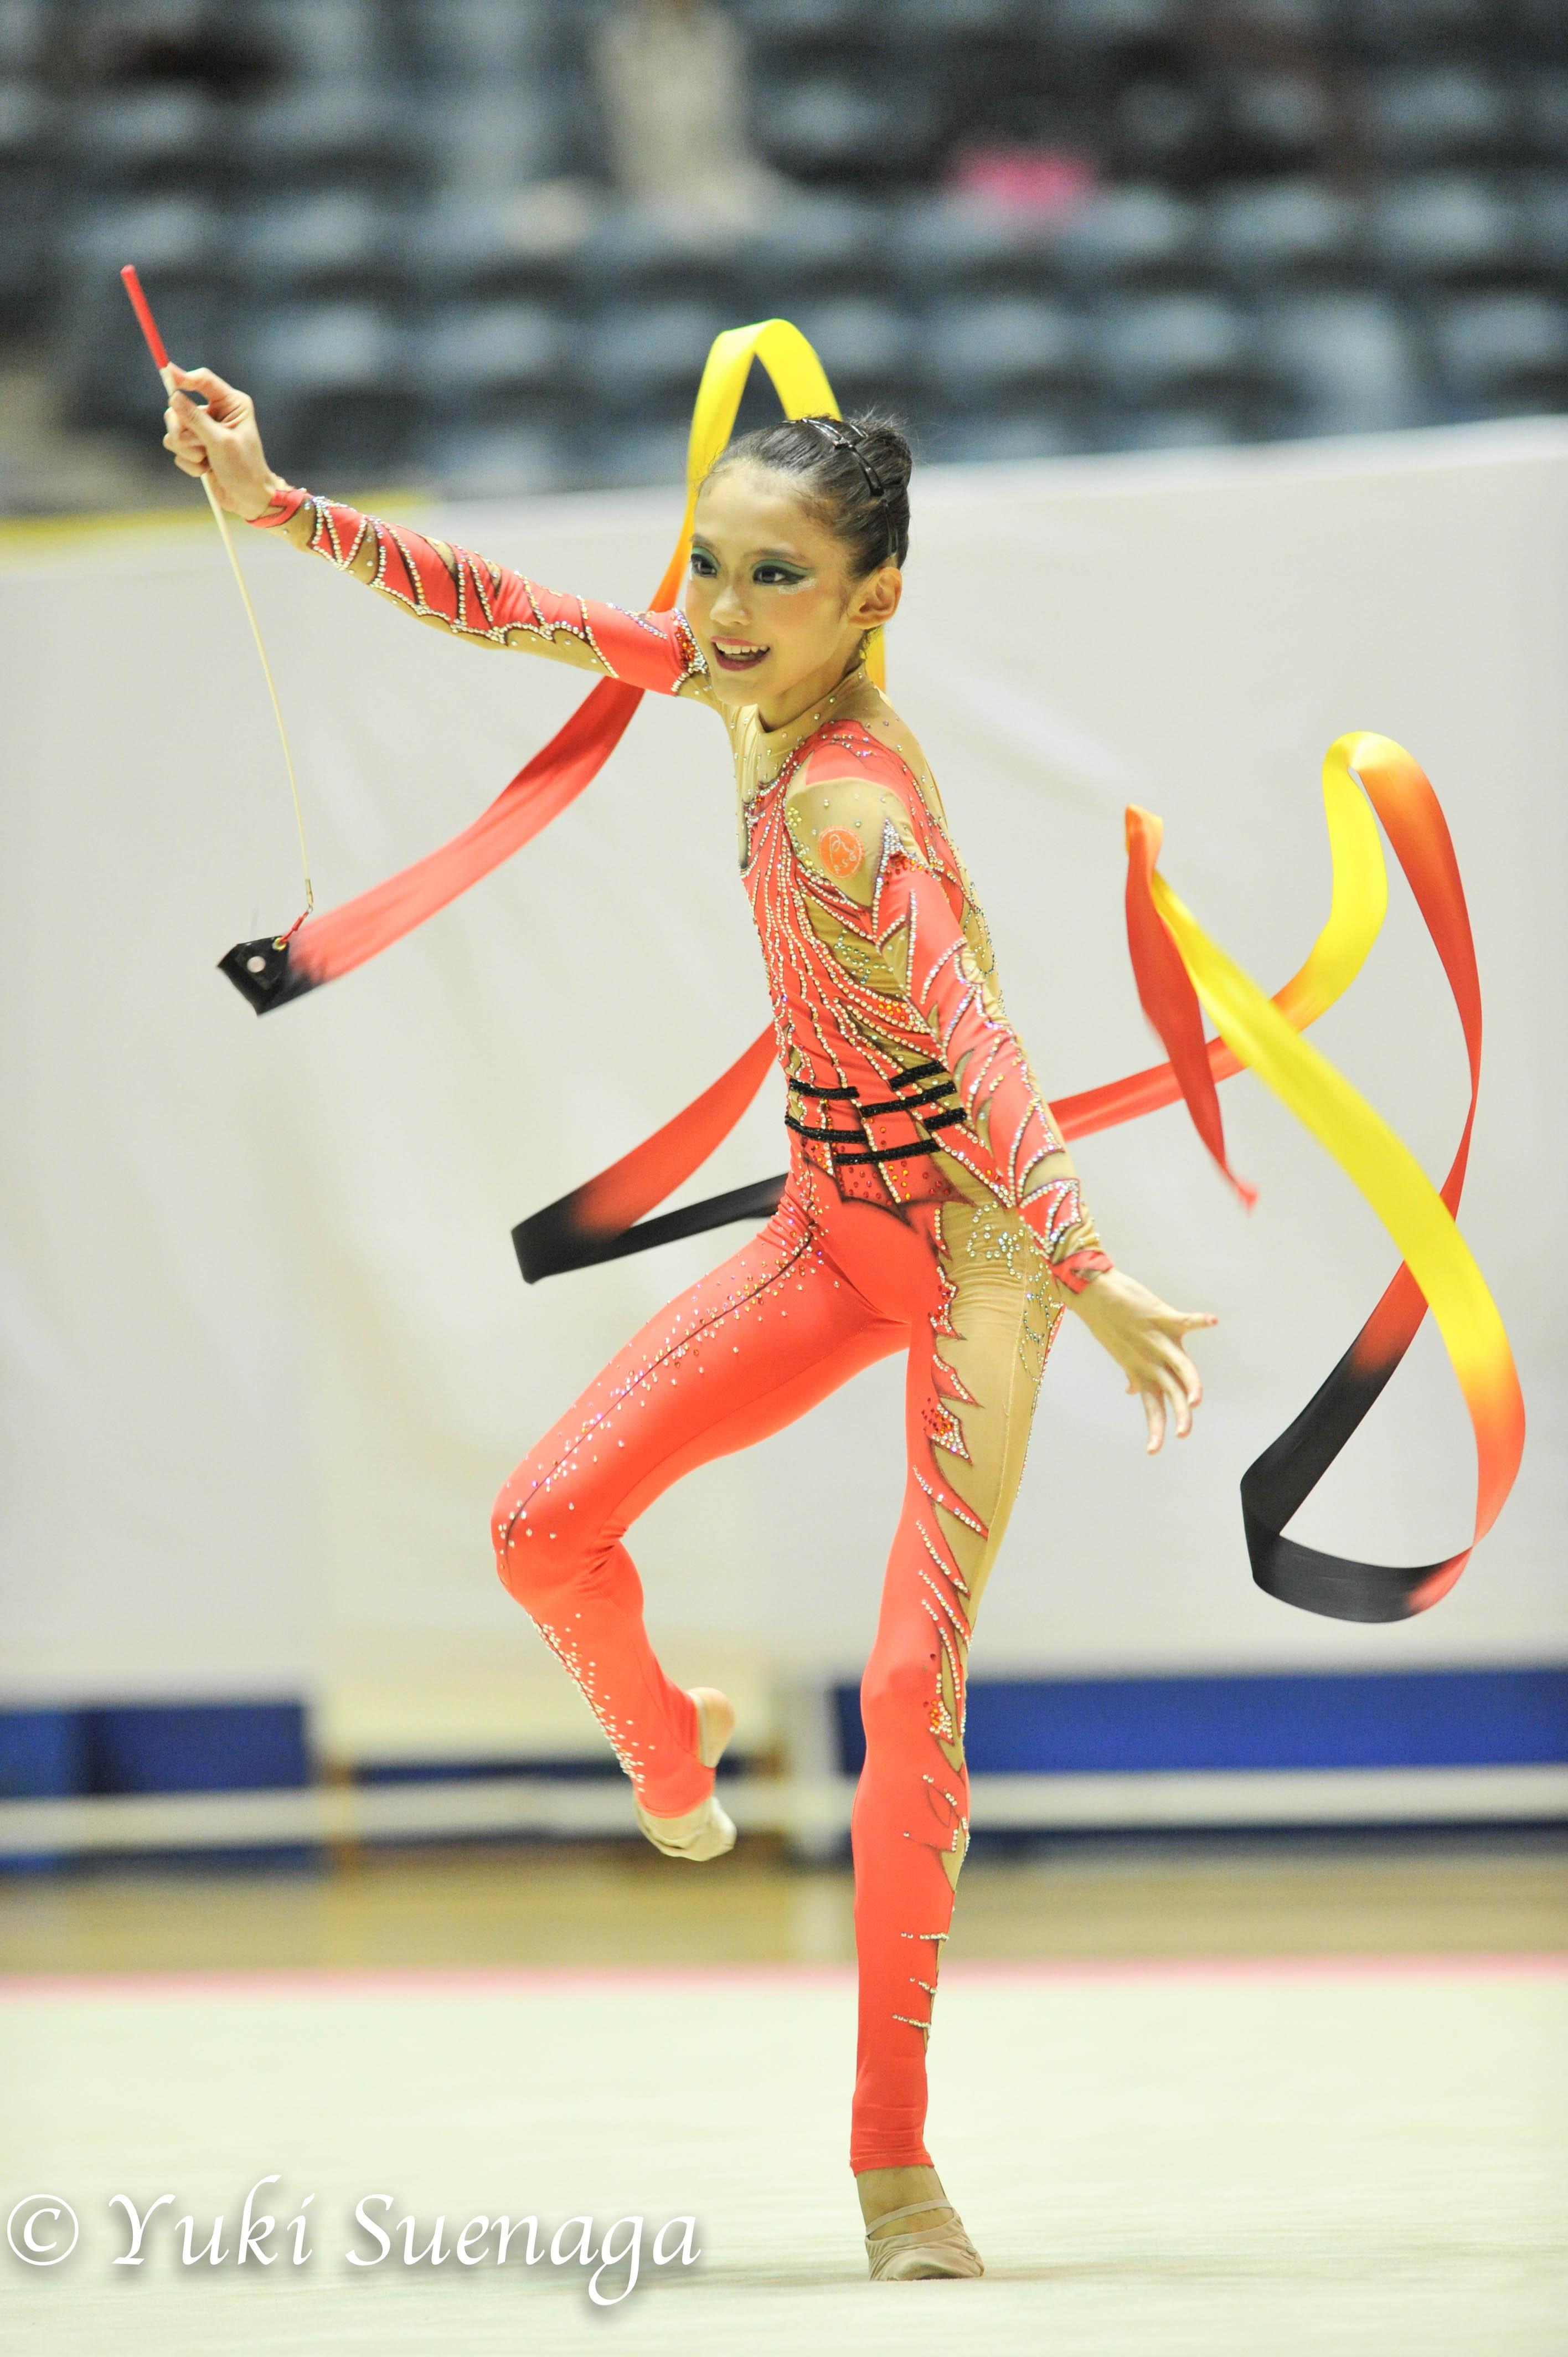 新体操 今年、アジアジュニア選手権にも出場した五十嵐遥菜(NOVA新体操クラブ)も、手具操作も含めて表現力あふれる演技を見せる。クラブ、フープの操作は、どこまでも音に  ...